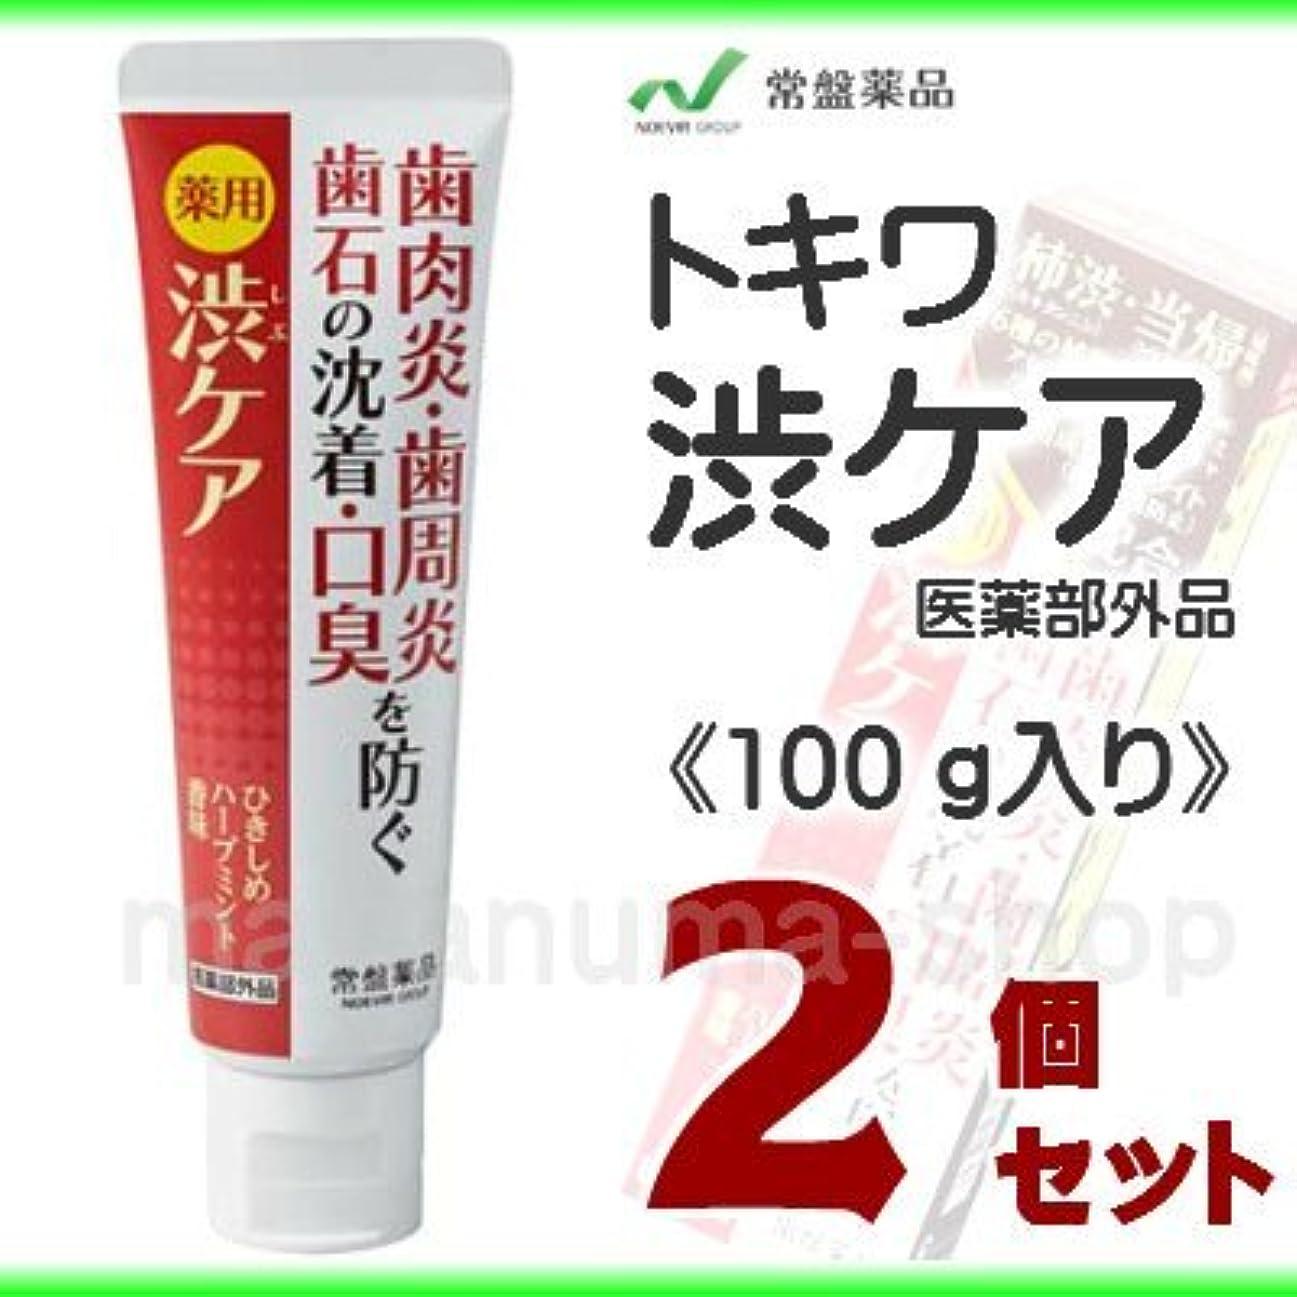 味付け蘇生するキリストトキワ 薬用渋ケア (100g) 2個セット